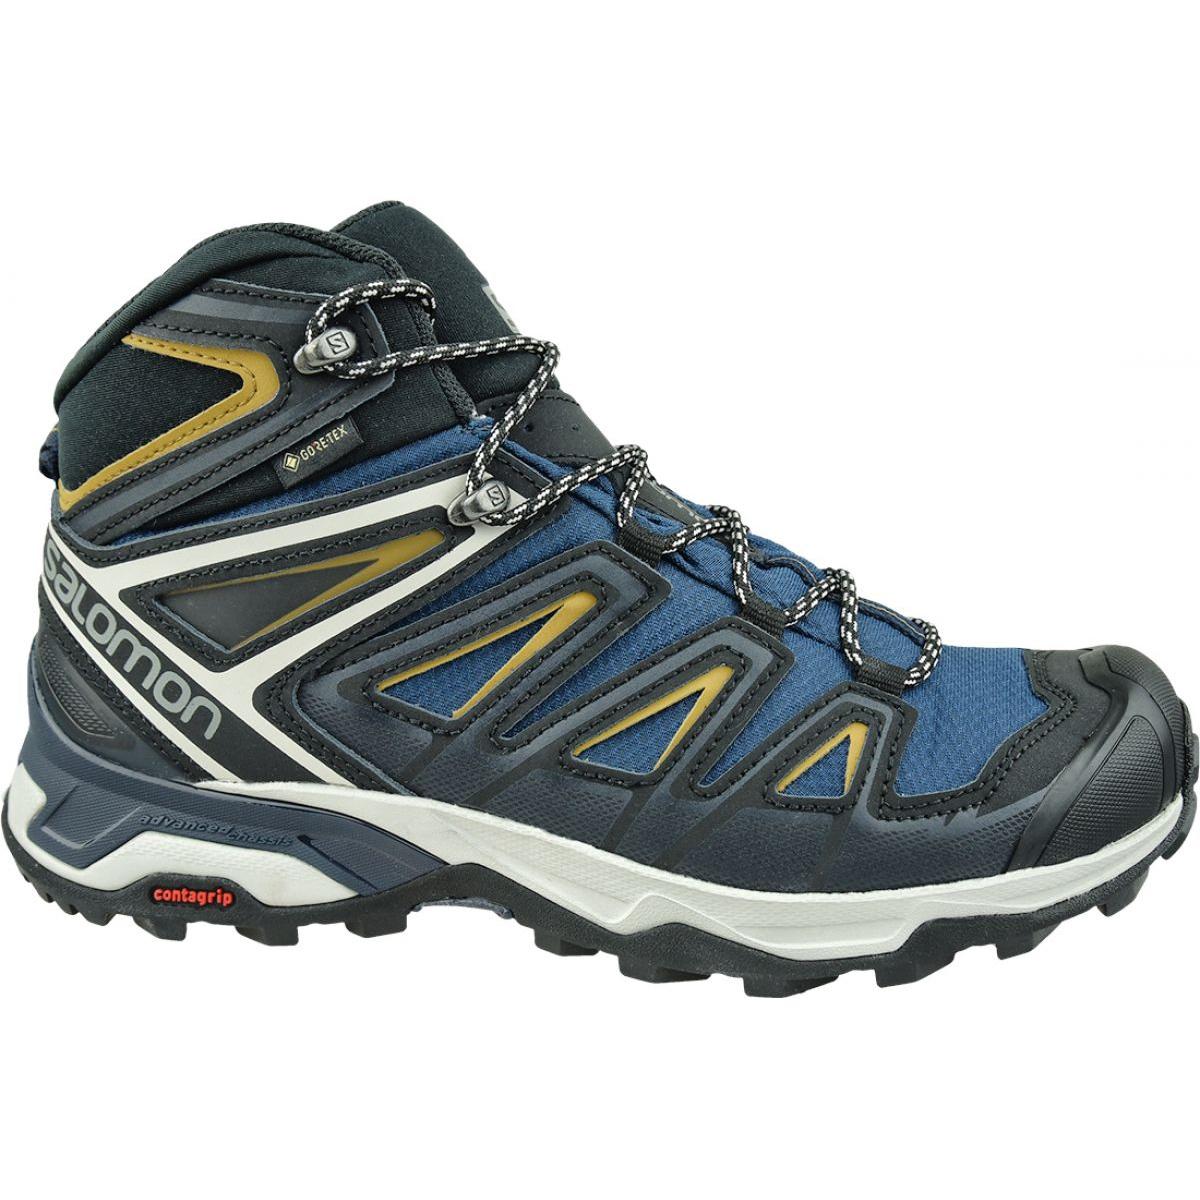 Details zu Salomon X Ultra 3 Mid Gtx M 408141 Schuhe marine